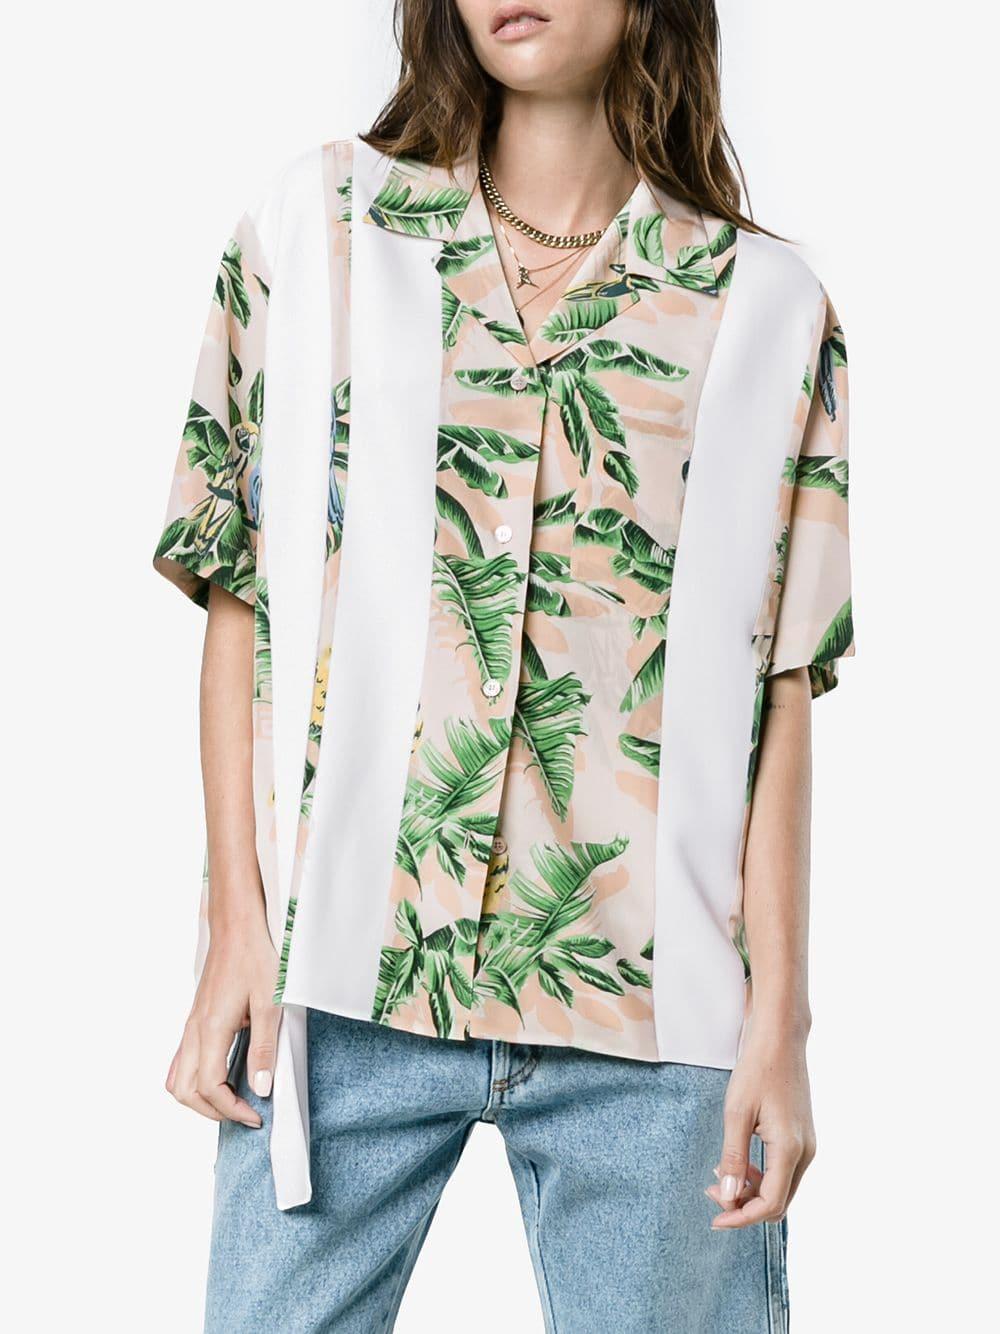 12 Hawaii skjorter som faktisk er kule Melk & Honning